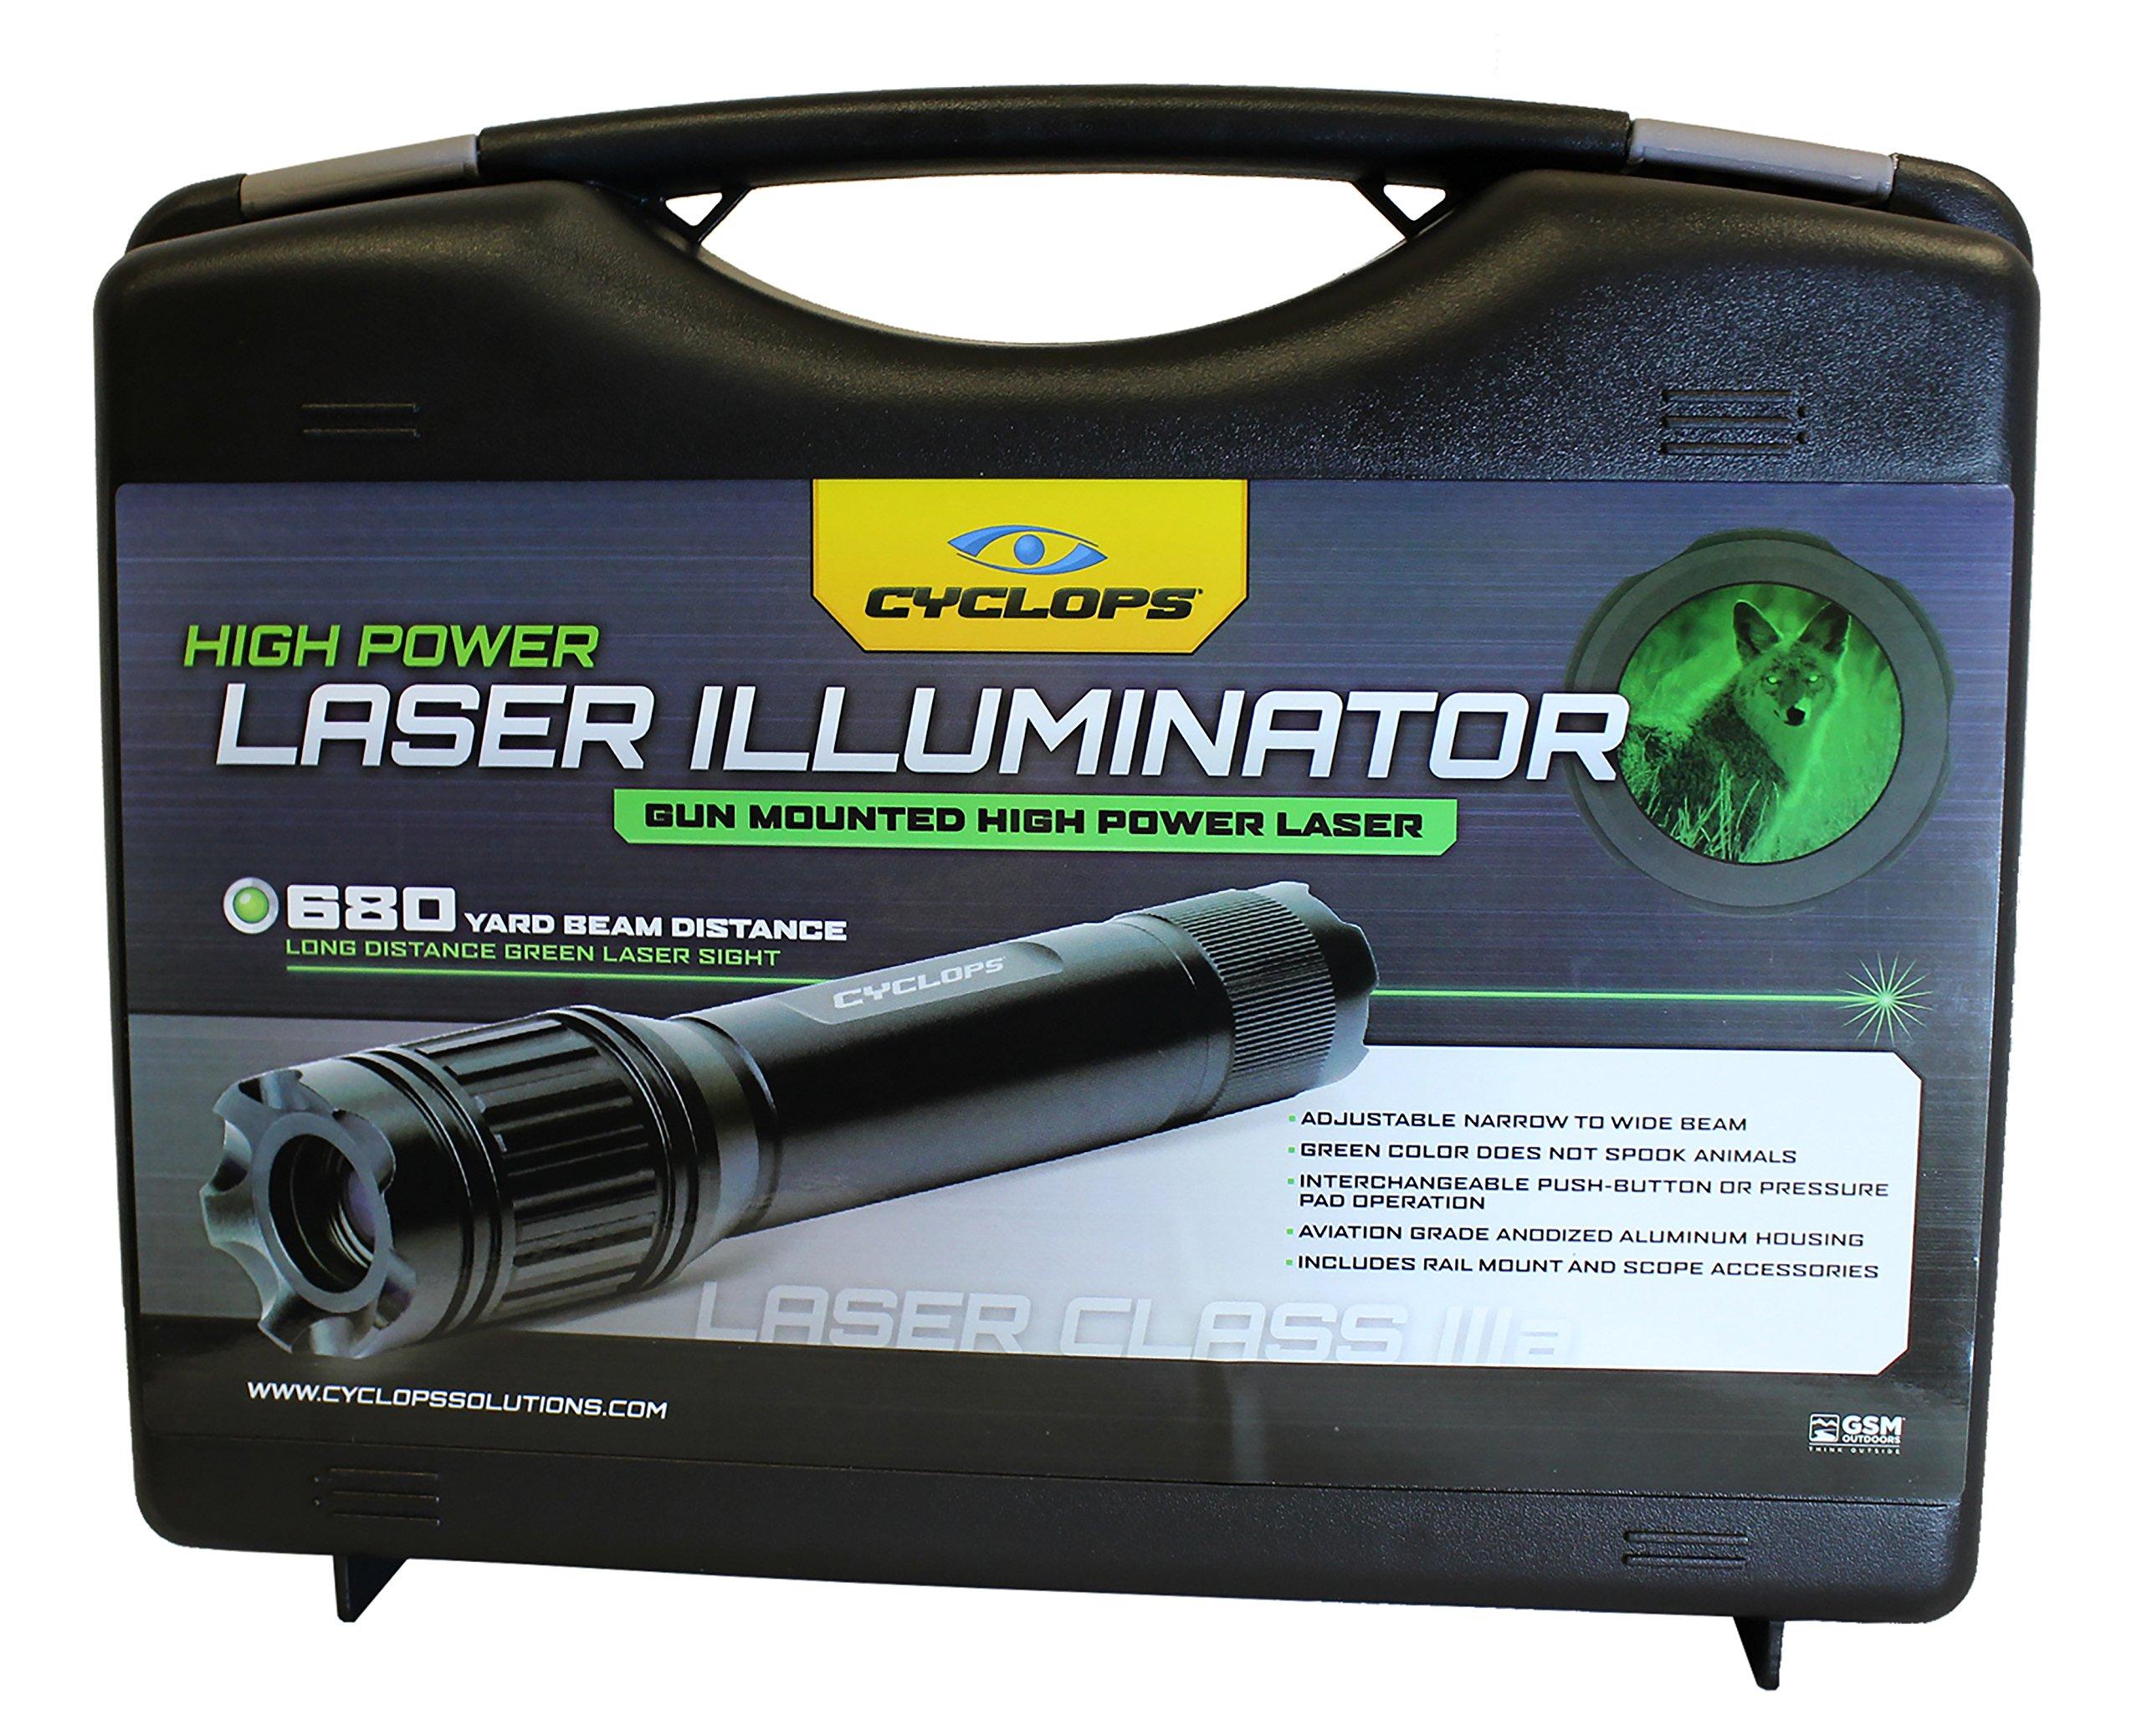 Cyclops LASER ILLUMINATOR - Green laser